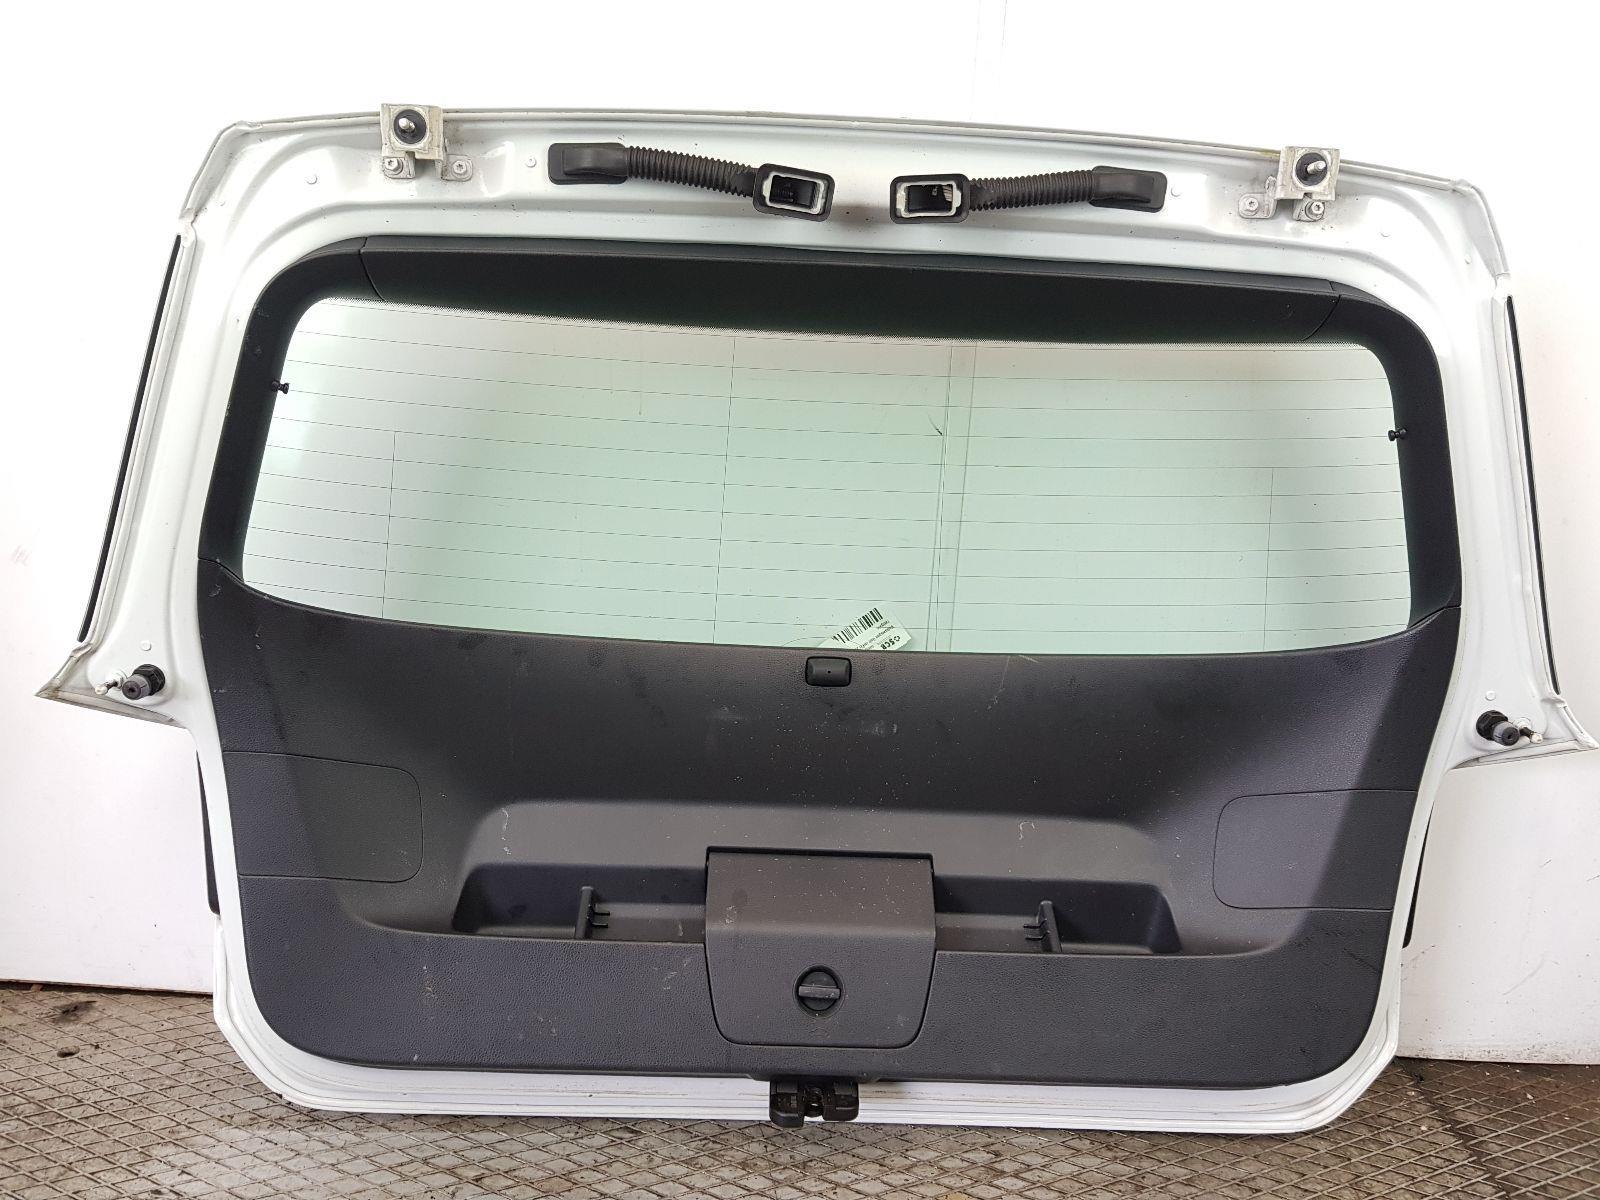 Volkswagen Golf (mk7) 2012 To 2017 Tailgate (Diesel / Manual